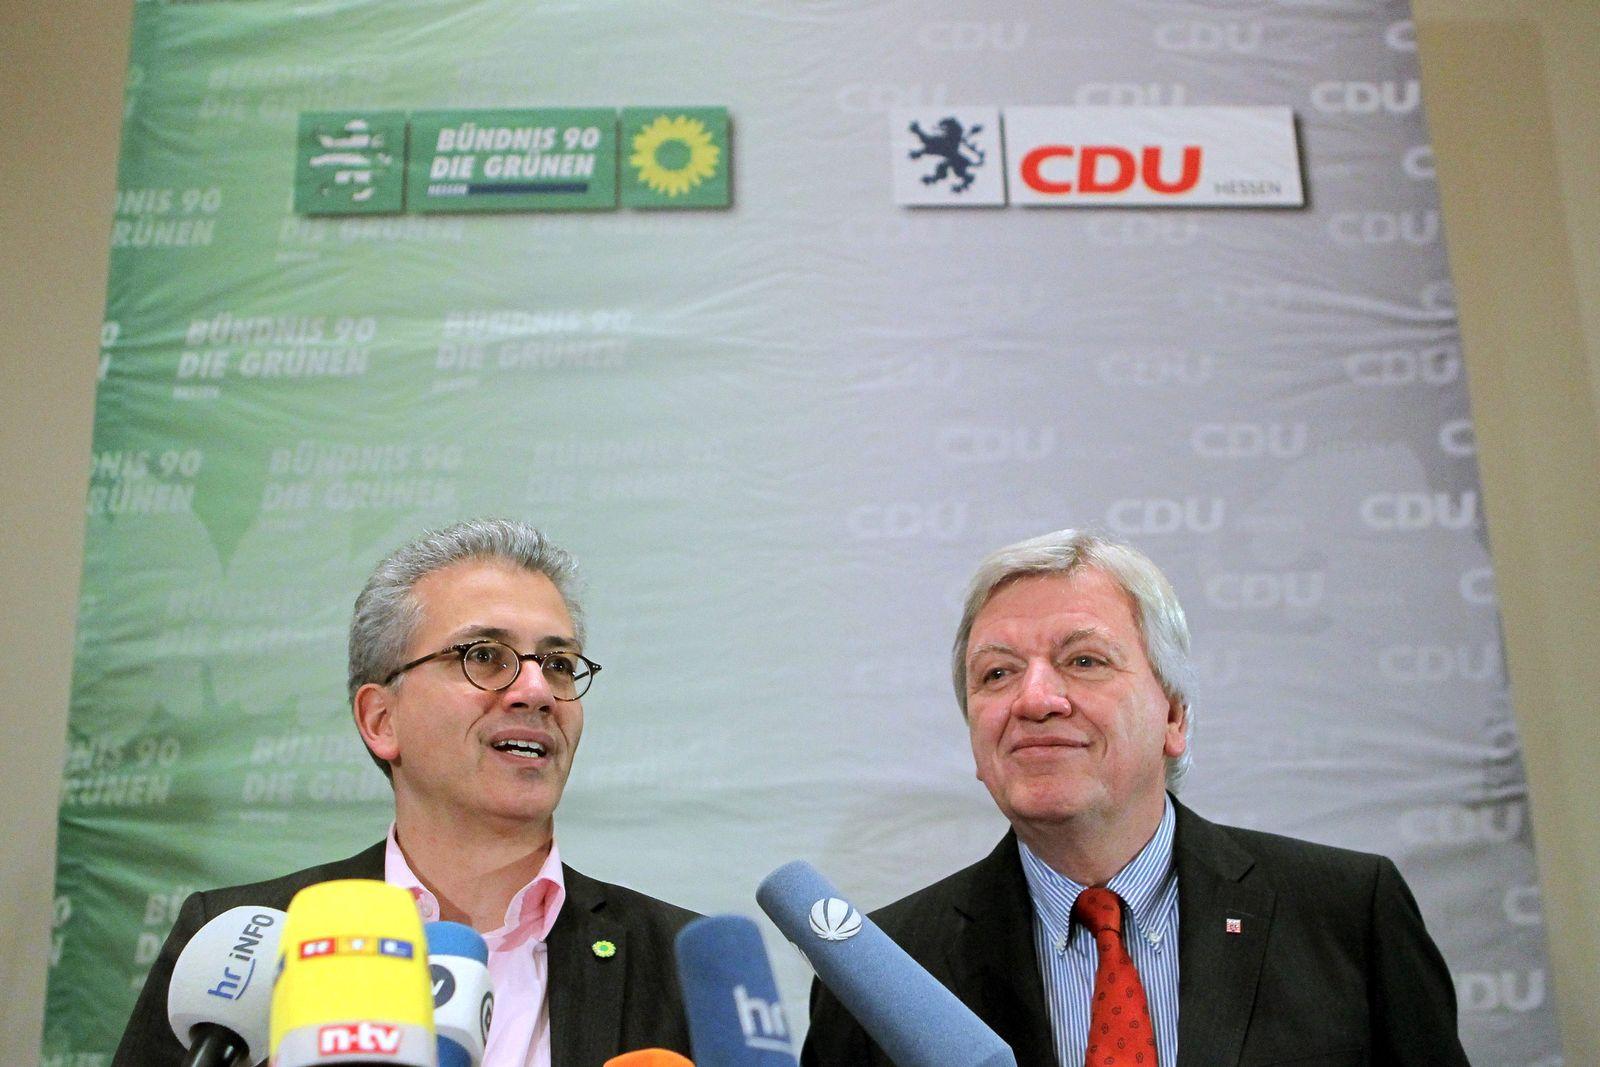 Große Koalitionsrunde Schwarz-Grün in Hessen